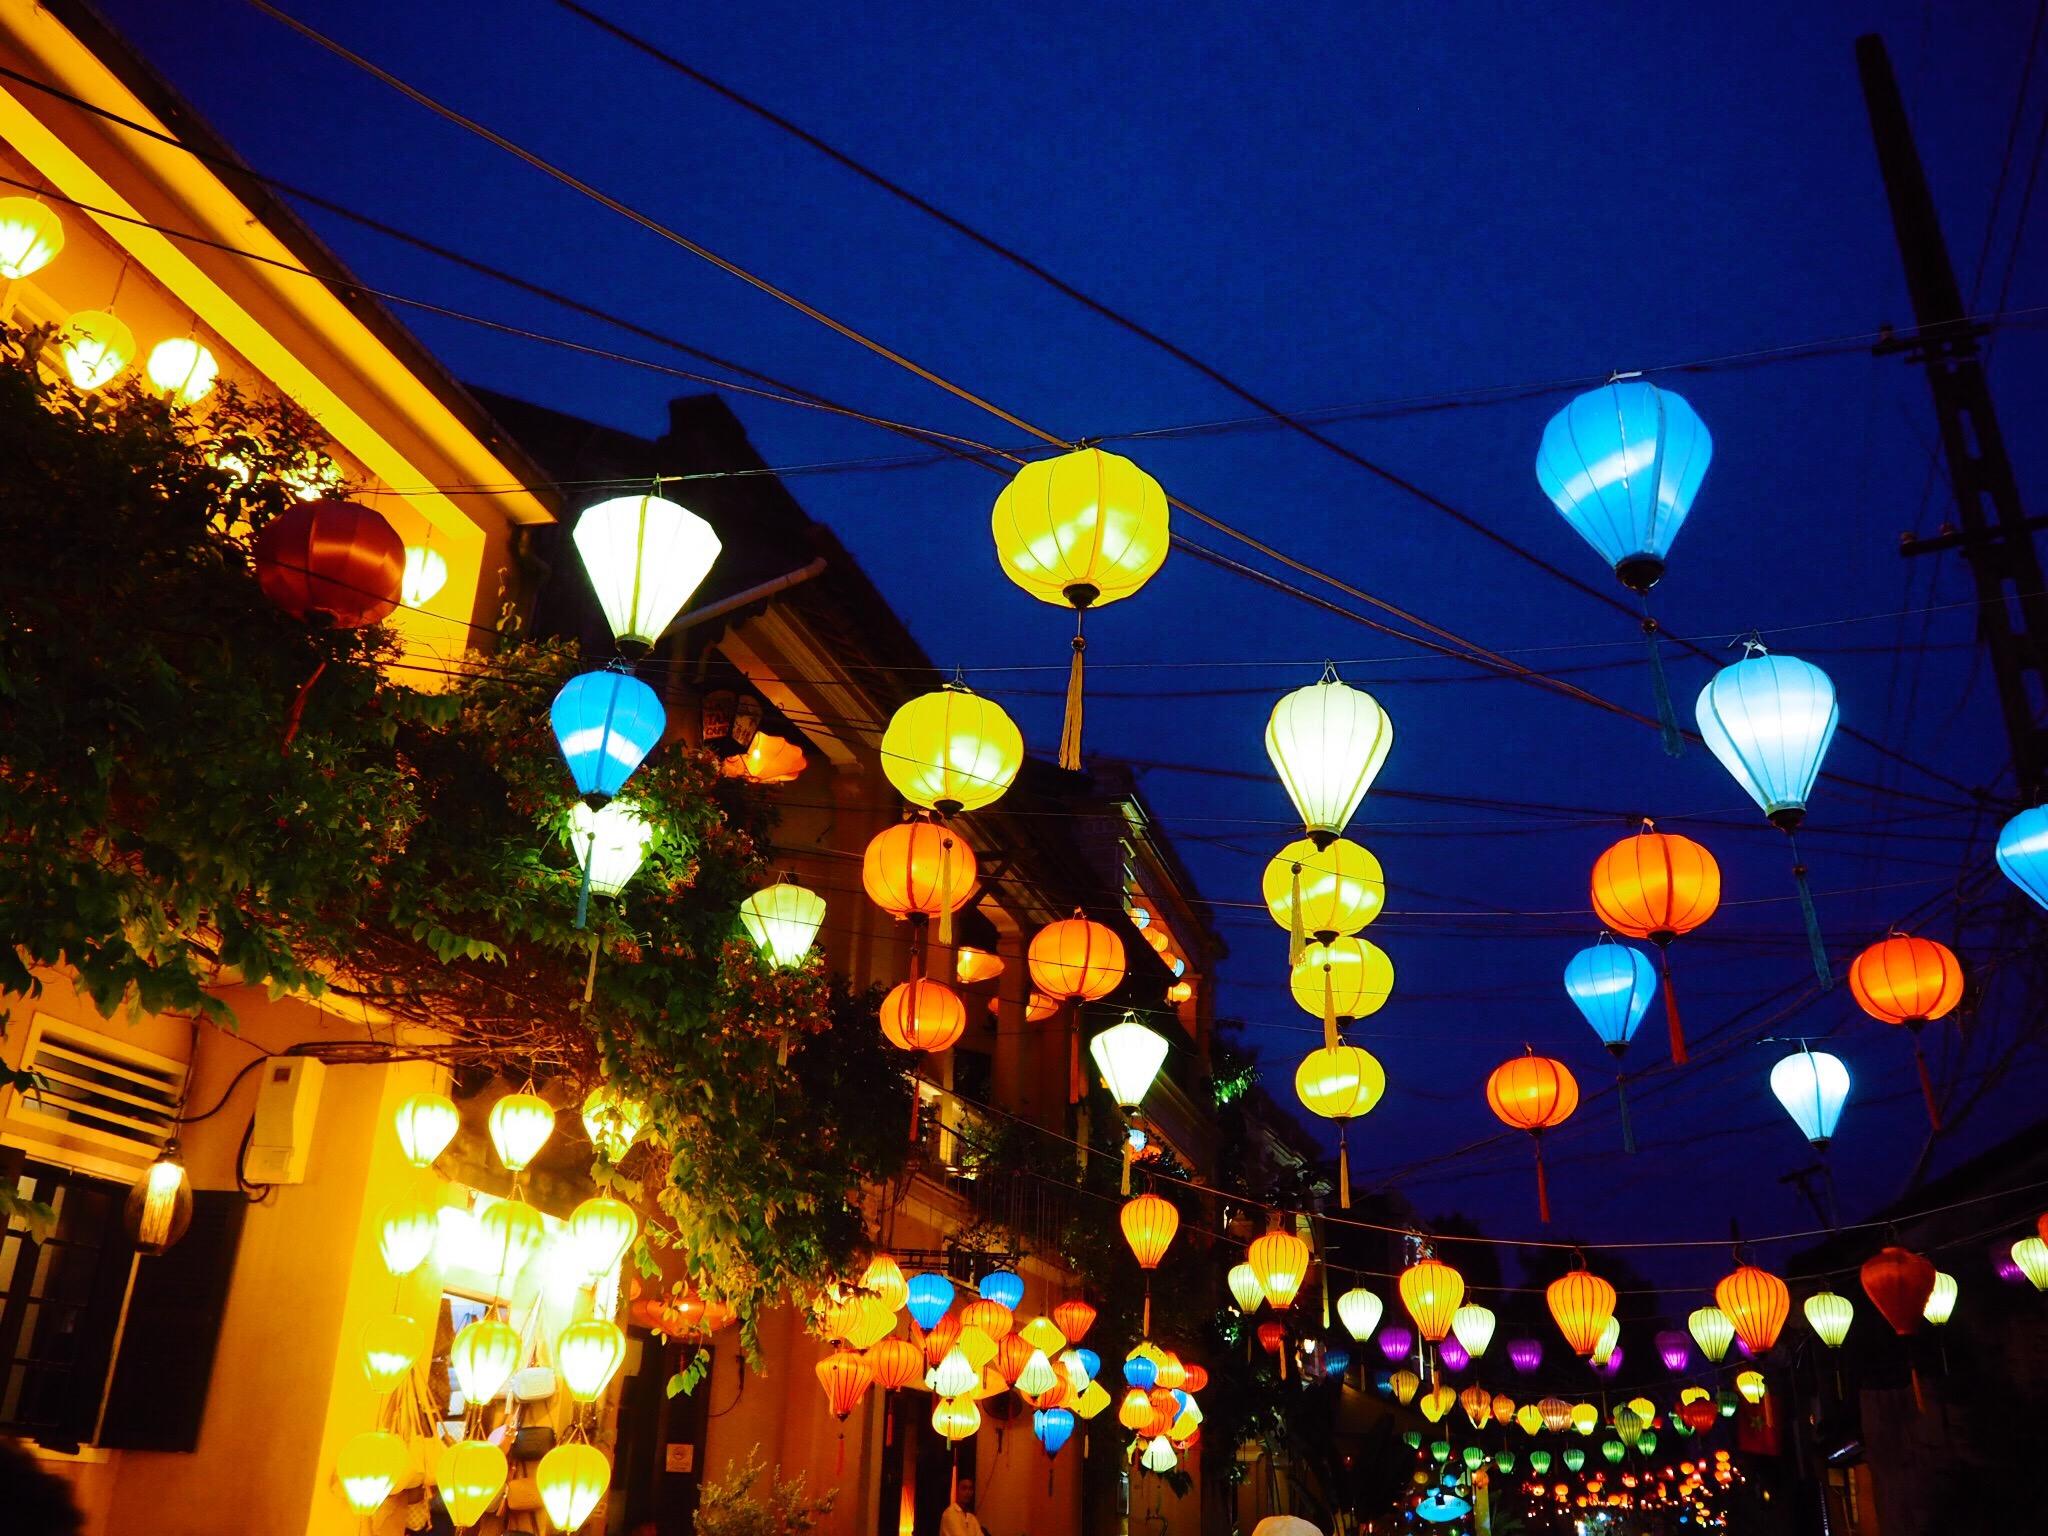 ad6055be e2d1 4d64 a670 5c069a0dfc72 - Hoi An - 夕焼けとランタンの灯。ふと恋に落ちたノスタルジックな街ホイアン